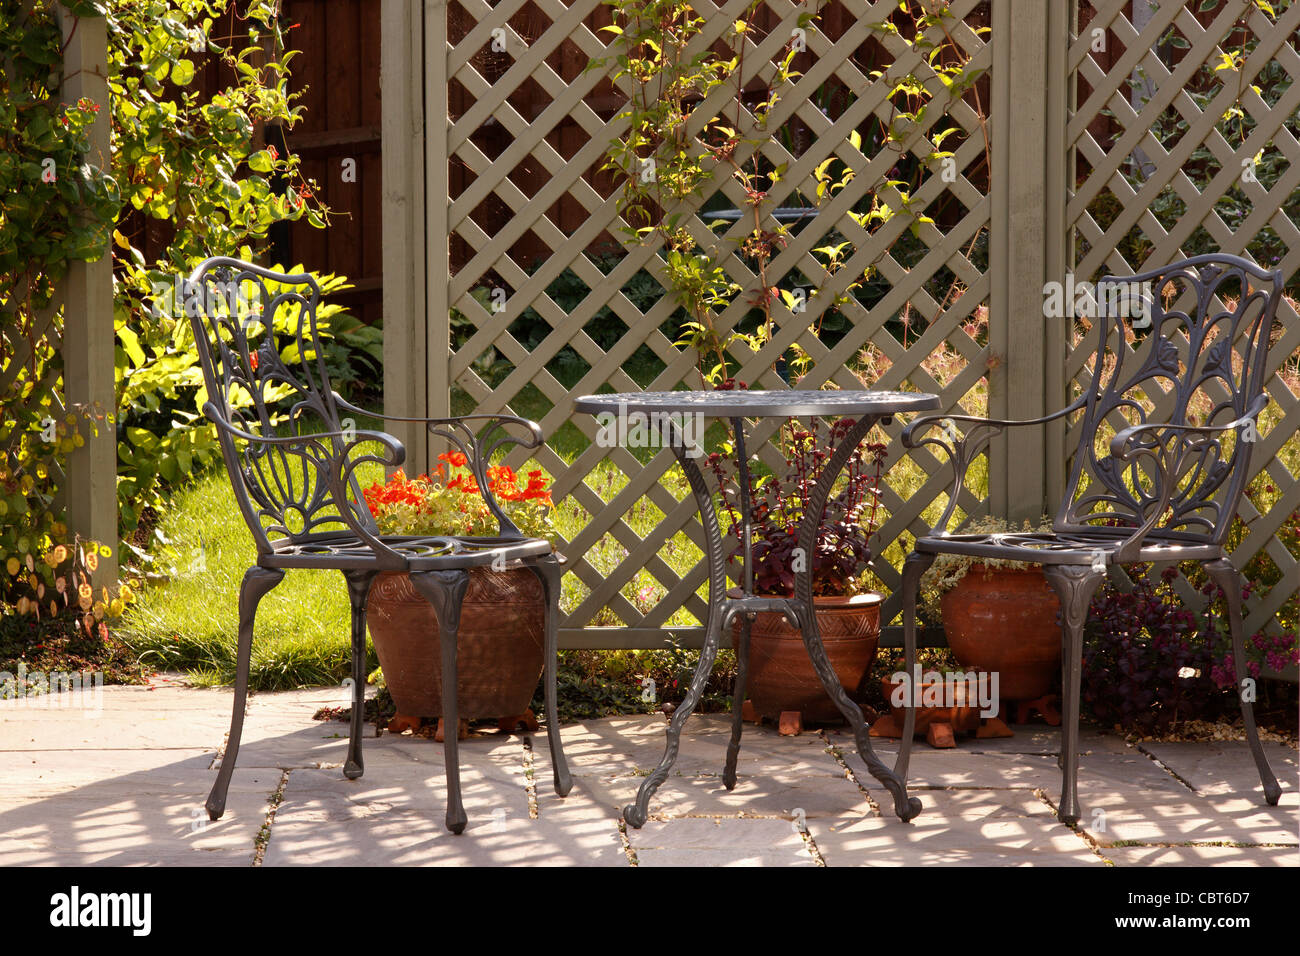 Soleado patio jardín con enrejado y muebles de jardín de aluminio ...